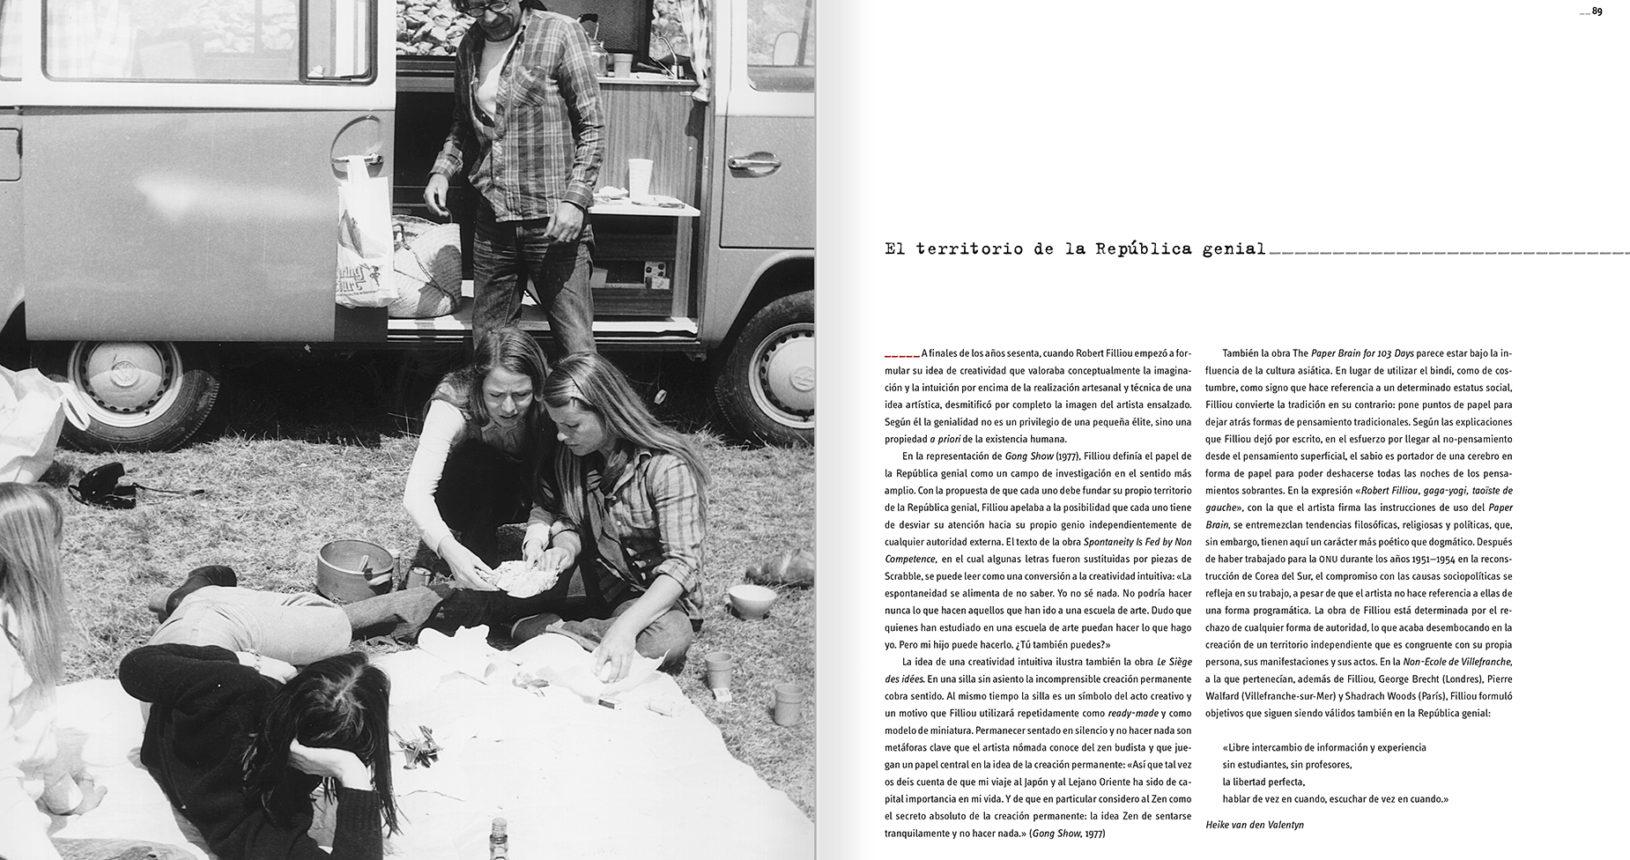 Robert Filliou, promotor de los Gong Shows, hablaba de creatividad (no de arte) y se consideraba a sí mismo un creador de anti-objetos. Su participación en la resistencia francesa, estudios de economía política y un acercamiento al budismo se materializaron en la elaboración de su Principio de Economía Poética. Las propuestas de desinstitucionalización del arte tomaron forma con su Galérie Légitime, galería itinerante contenida en una gorra en la que mostraba obras suyas y de colegas. En la imagen, págs 88 y 89 del catálogo 'Robert Filliou. Genio sin talento / Robert Filliou. Génie sans talent', MACBA, 2003.